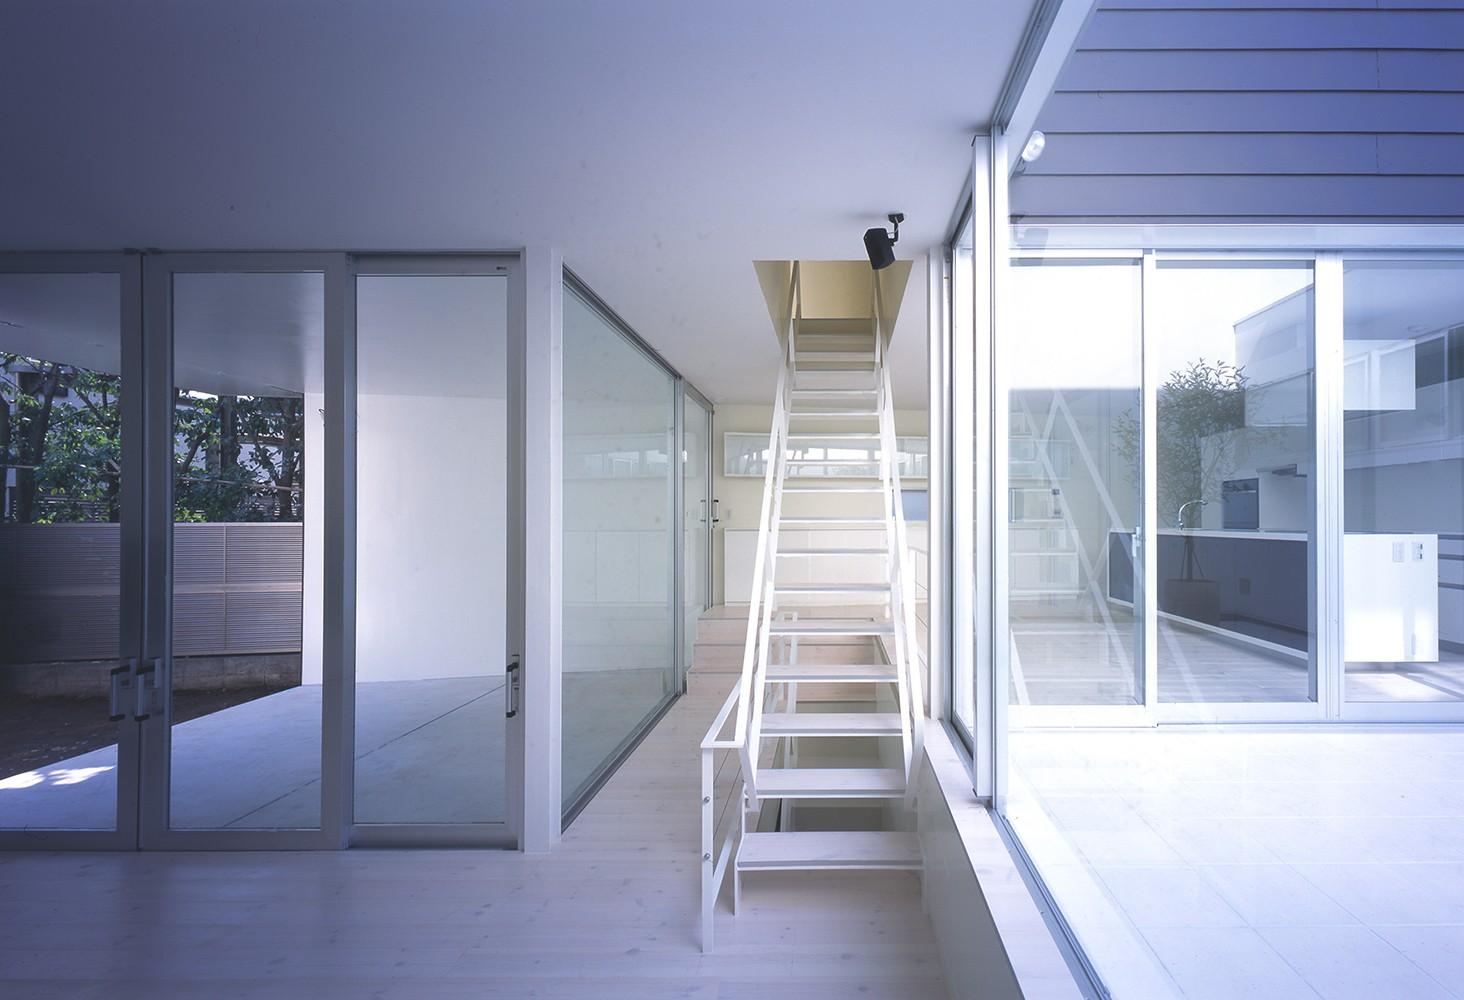 その他事例:階段(渋谷の住宅)